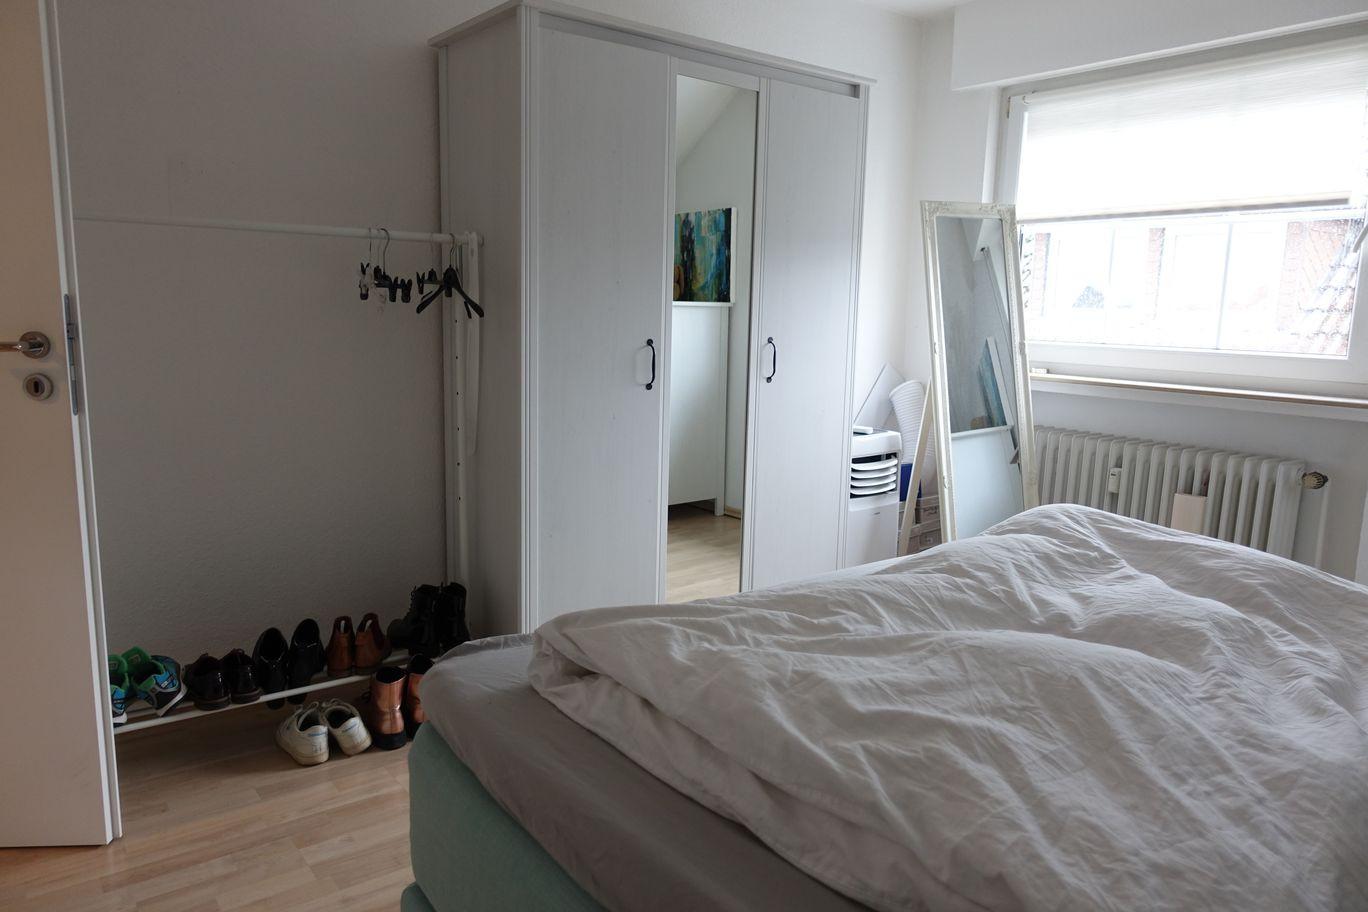 Schlafzimmer Wand für Schrank.JPG